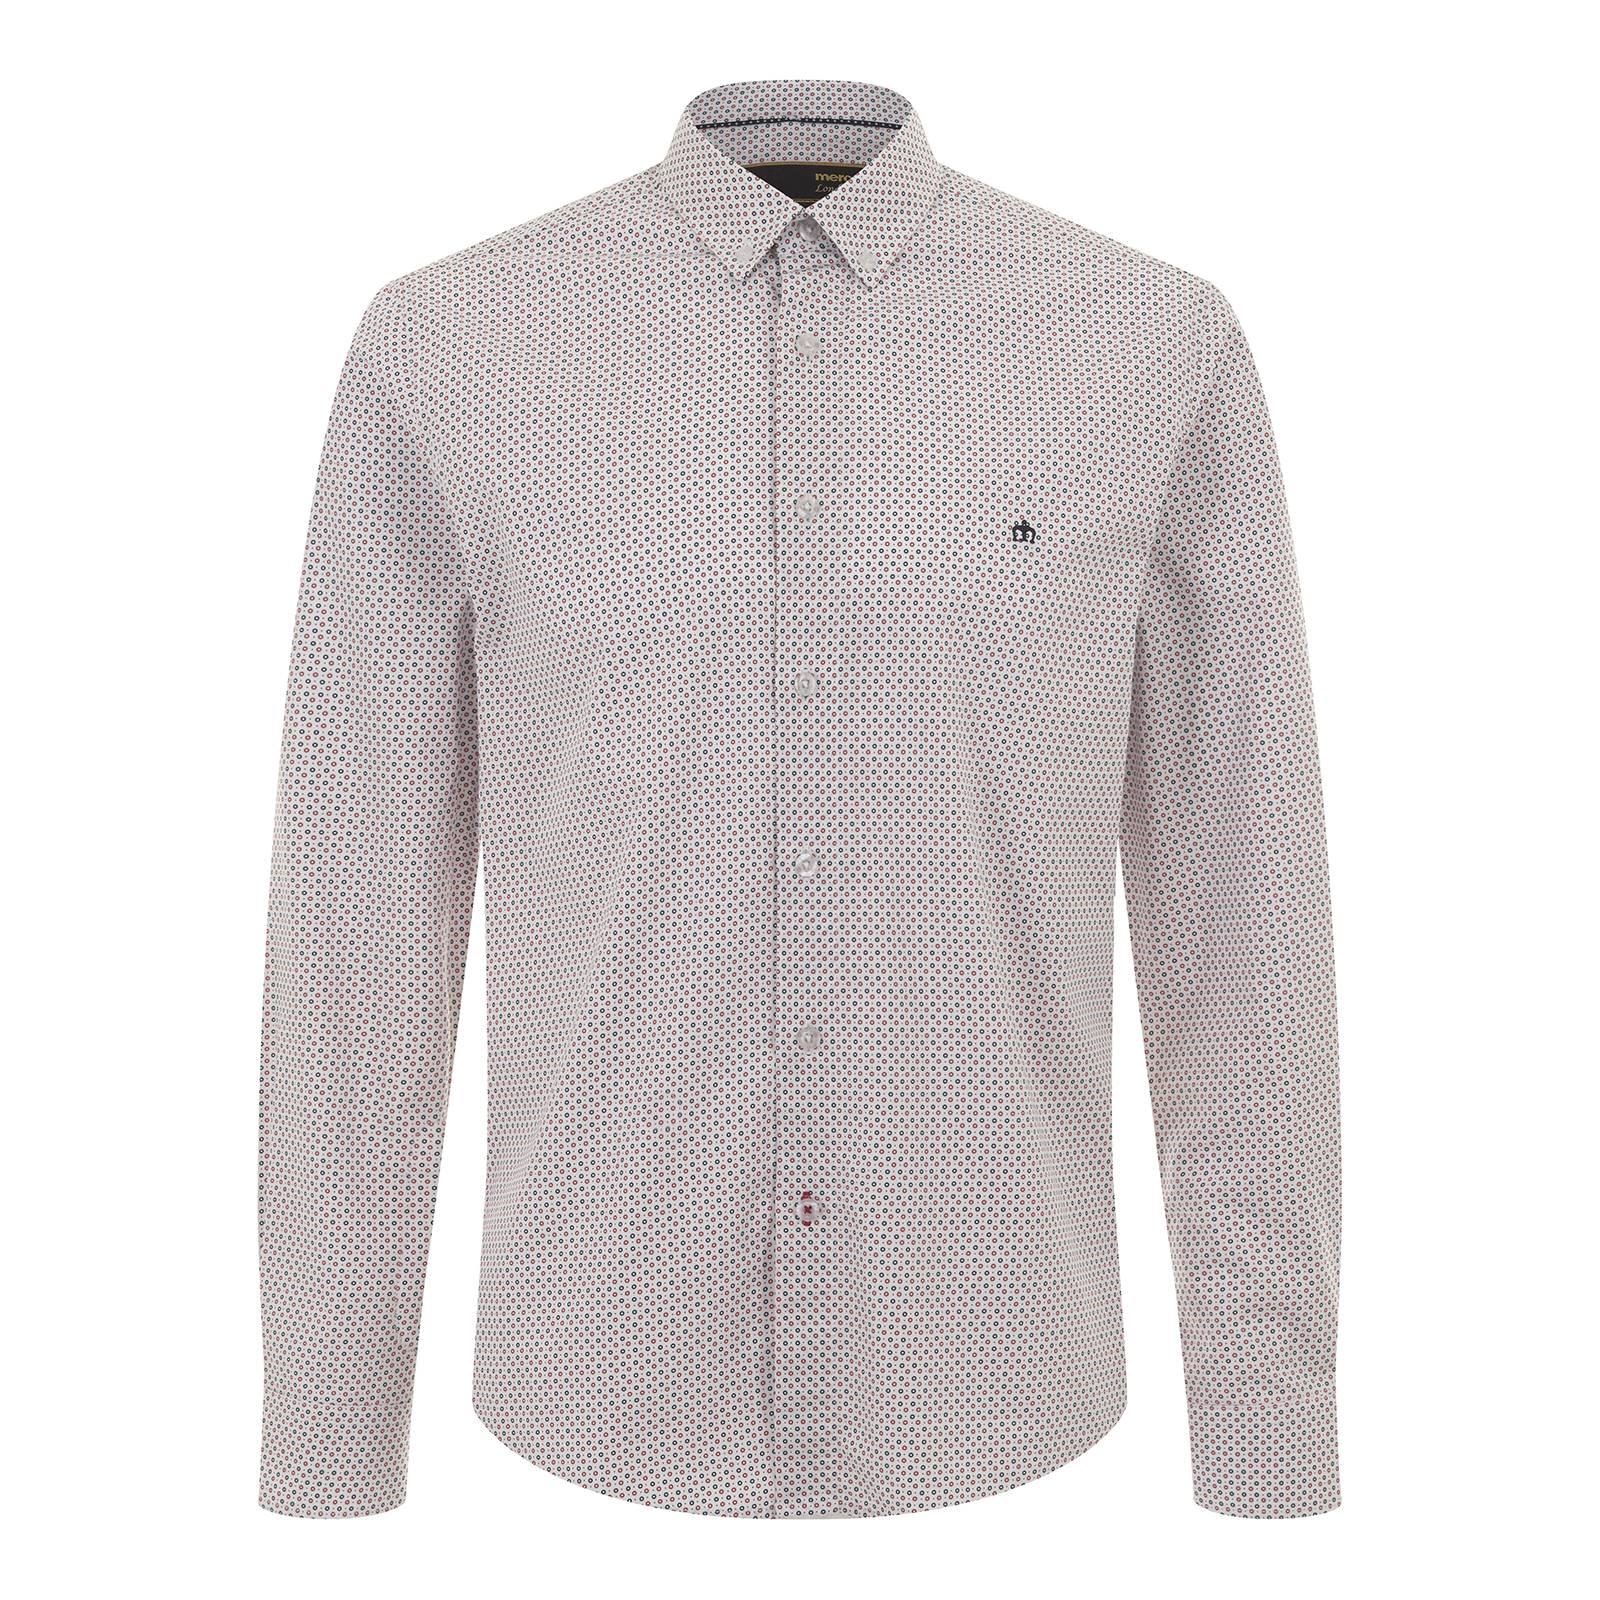 Рубашка BainРубашки<br>Приталенного покроя мужская рубашка из тонкой рубашечной ткани поплин. В графическом и цветовом решении мелкого, сплошного орнамента прослеживается связь со знаменитым символом мод-культуры – таргетом. Аккуратный, укороченного фасона, button-down воротник сообщает дизайну легкость и эстетизм и красиво сочетается с V-образным трикотажем. Изящный smart casual стиль делают эту нарядную рубашку идеальной парой к облегающему пиджаку или кардигану на пуговицах с широким вырезом горловины для выхода в свет или изысканного делового гардероба. Можно заправлять в брюки или же носить навыпуск с чиносами – на этот случай предусмотрена приятная деталь: нижняя петля на основной планке с пуговицами выметана контрастными красными нитями. Аналогичным образом оформлена петля на фигурной планке манжет. Брендирована логотипом корона слева на груди.<br><br>Артикул: 1516101<br>Материал: 100% хлопок<br>Цвет: белый<br>Пол: Мужской